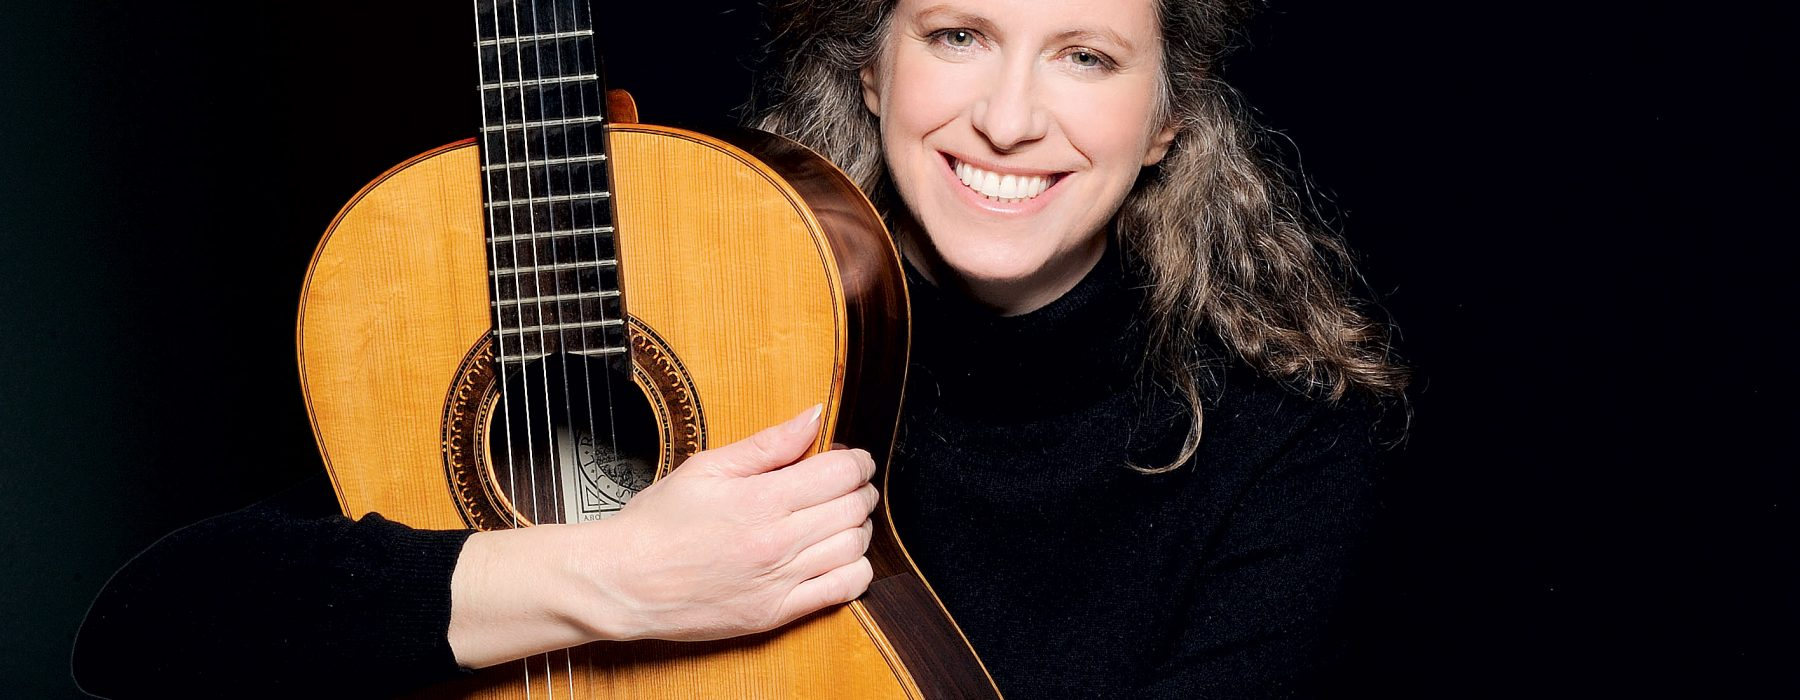 Έλενα Παπανδρέου: H ποιήτρια της κιθάρας